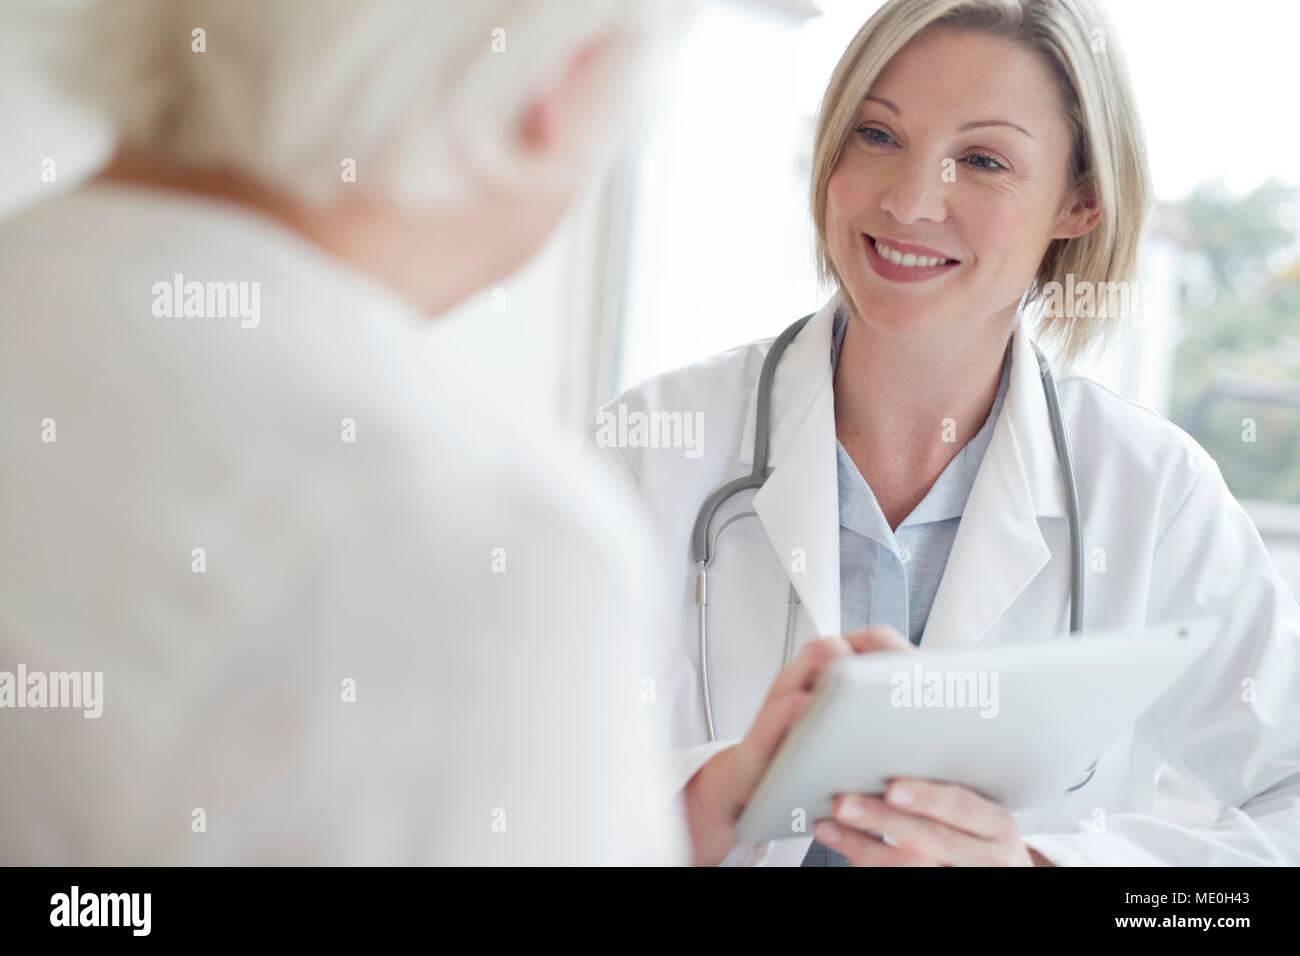 Medico donna utilizzando tavoletta digitale con il paziente. Immagini Stock